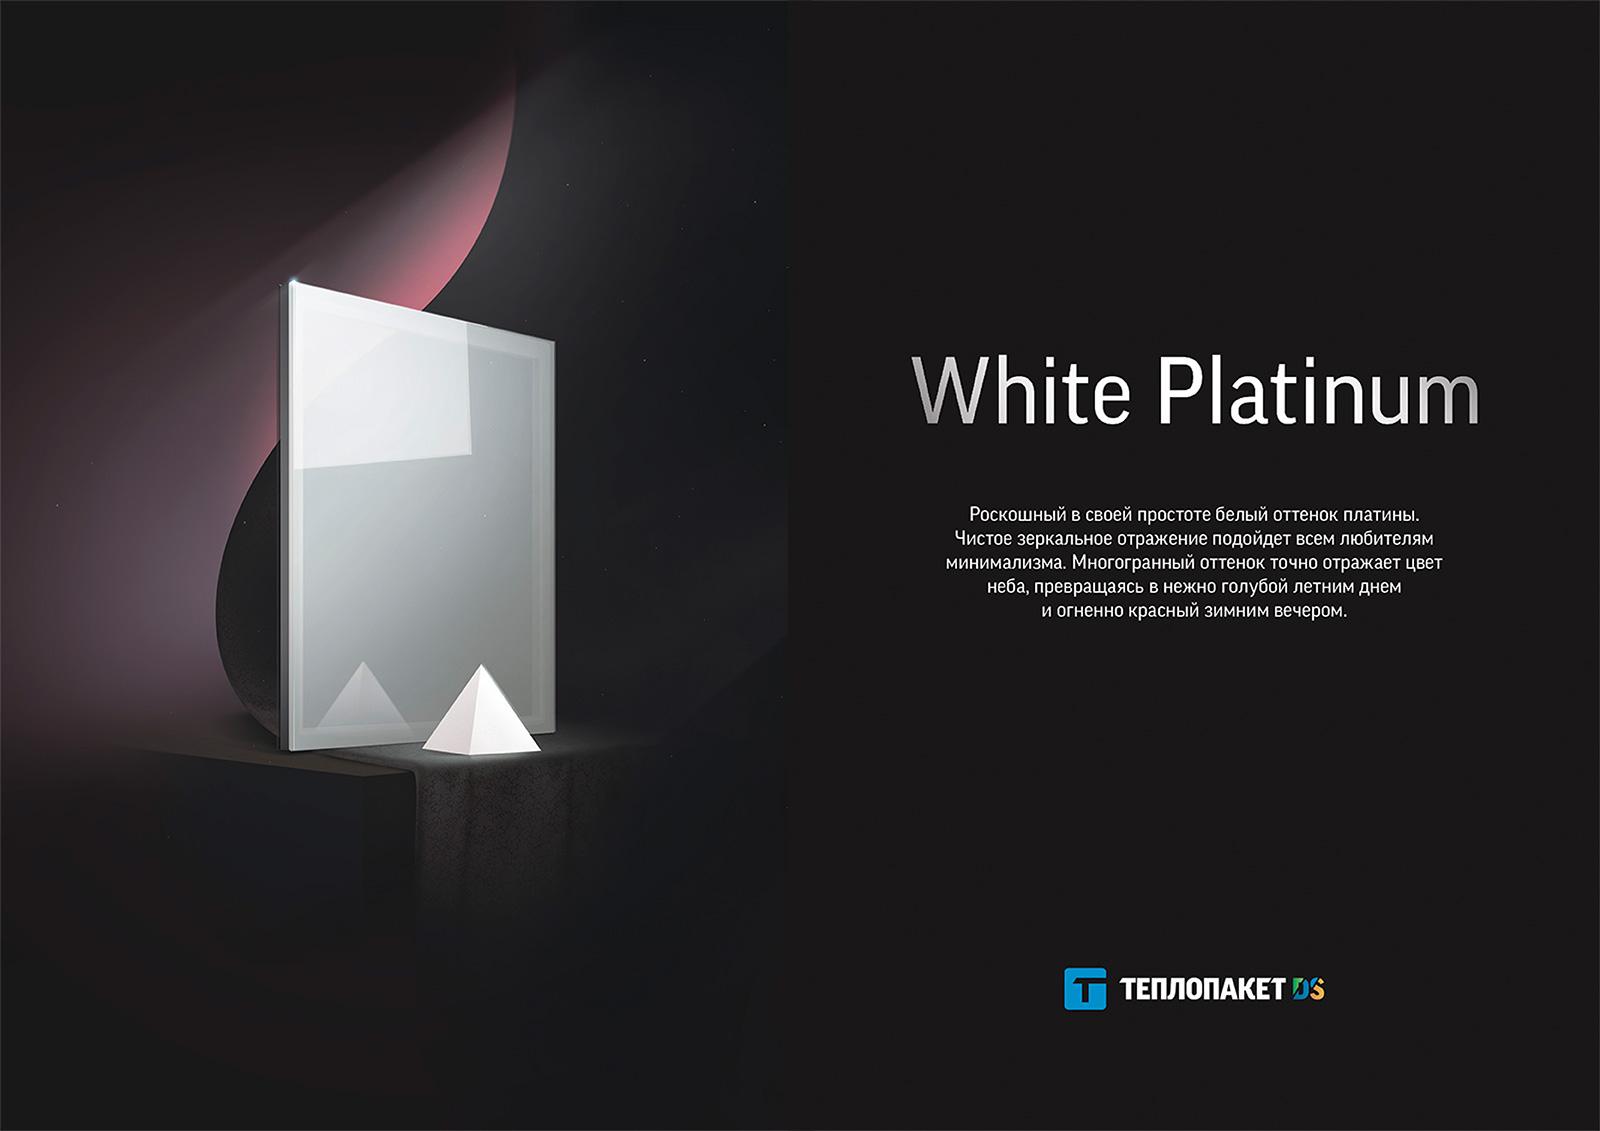 Теплопакет DS - цвет White Platinum